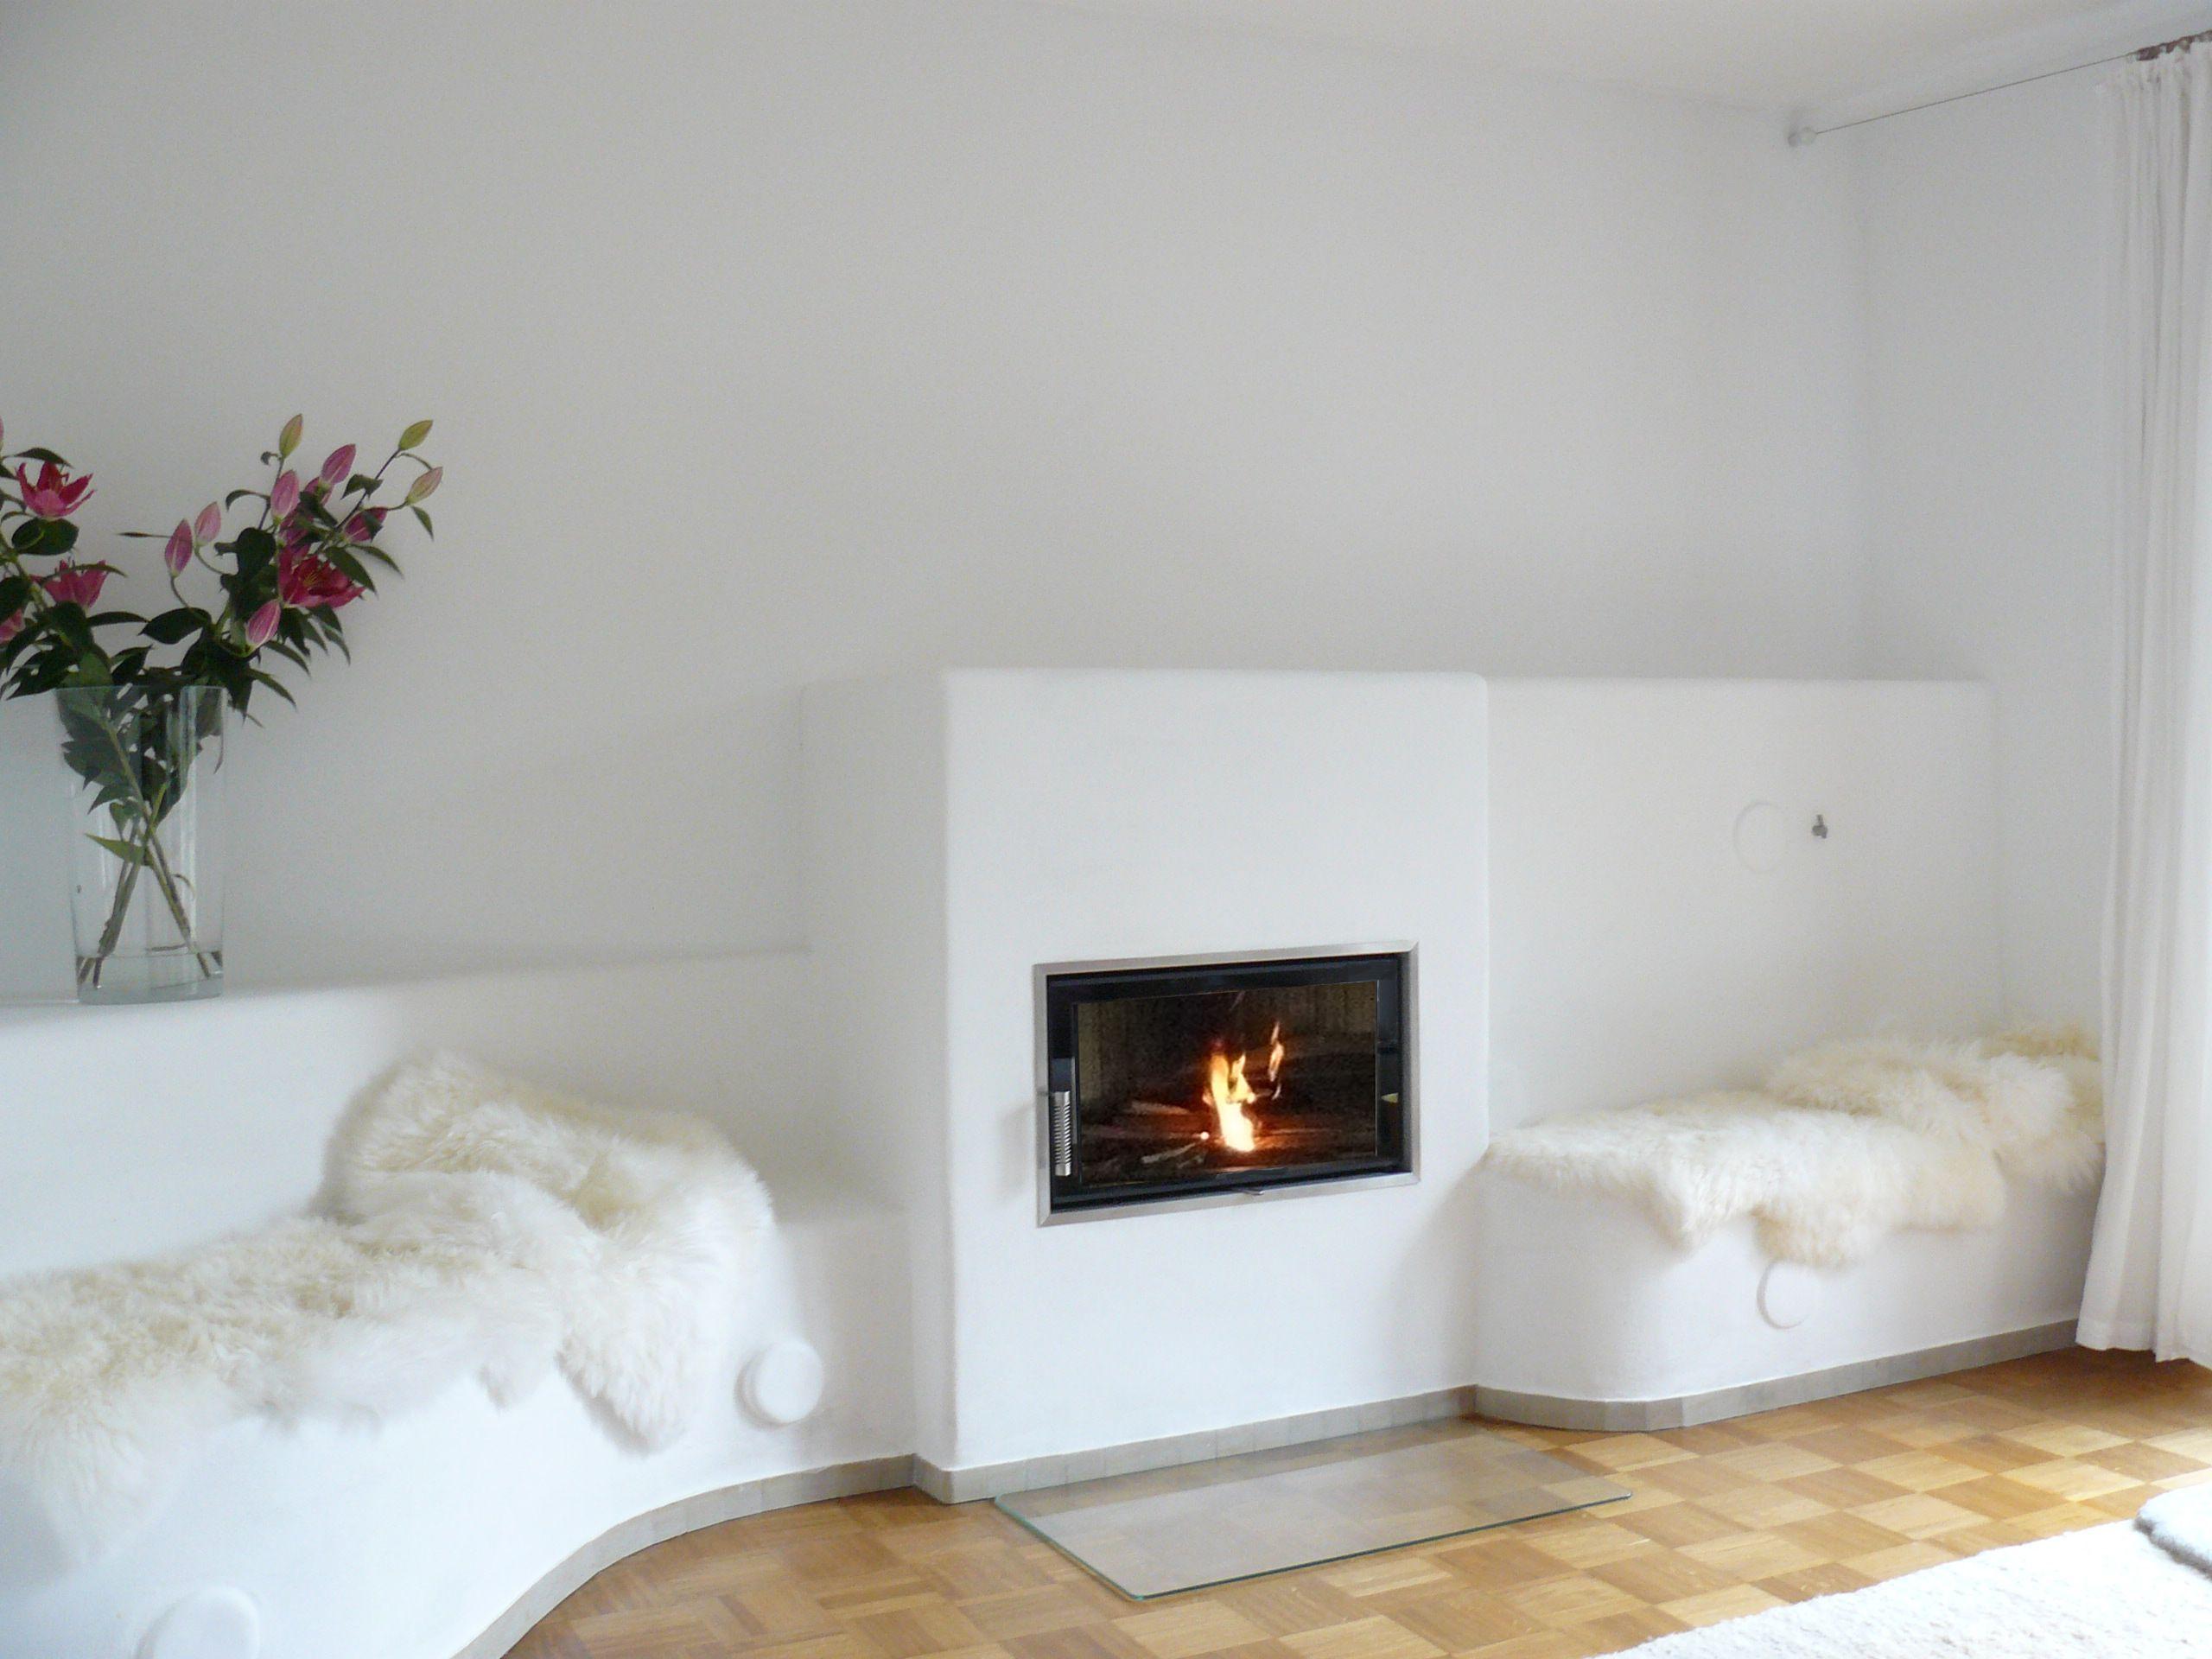 der individuelle speicherofen von niermann ofenbau grundofen lehmofen hoher wirkungsgrad. Black Bedroom Furniture Sets. Home Design Ideas